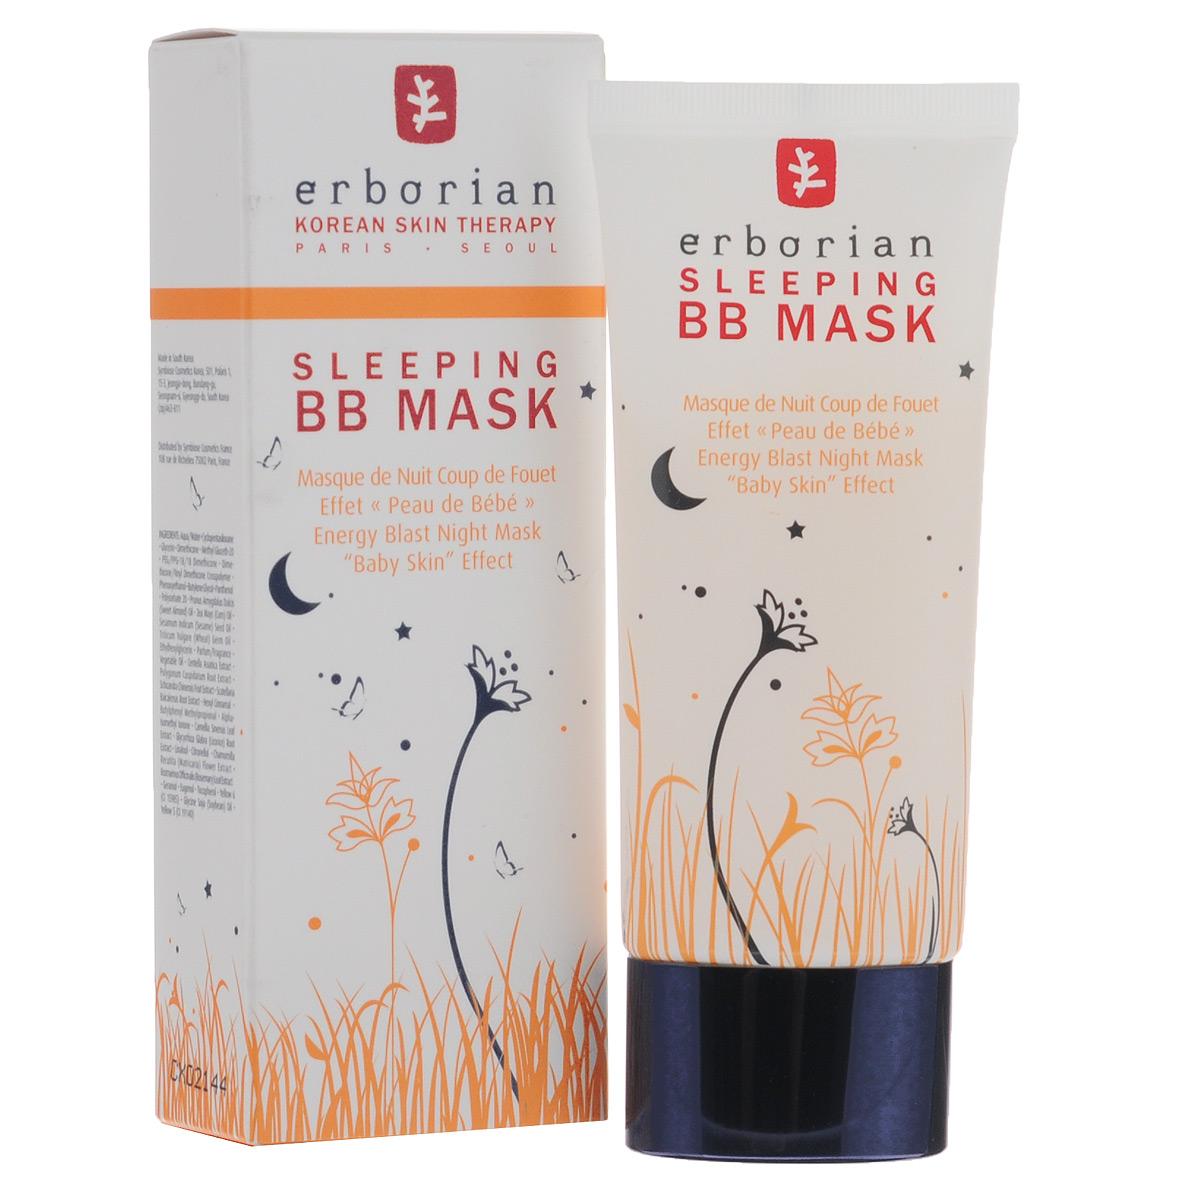 Erborian ВВ-маска для лица Восстанавливающий уход, ночная, 50 мл780642Ночная ВВ-маска - новый ритуал для обретения безупречной кожи. Маска - кокон преображает лицо ночью во время сна: кожа становится удивительно нежной и бархатистой. Ночная ВВ-маска содержит комплекс целебных трав в высокой концентрации. Они веками применялись в Азии и ценятся за свои антивозрастные свойства. Революционная формула: - Делает кожу нежной и бархатистой, как у младенца.- Интенсивно восстанавливает уставшую кожу, потерявшую тонус. - Увлажняет и укрепляет кожу, как после спа-процедур. Товар сертифицирован.